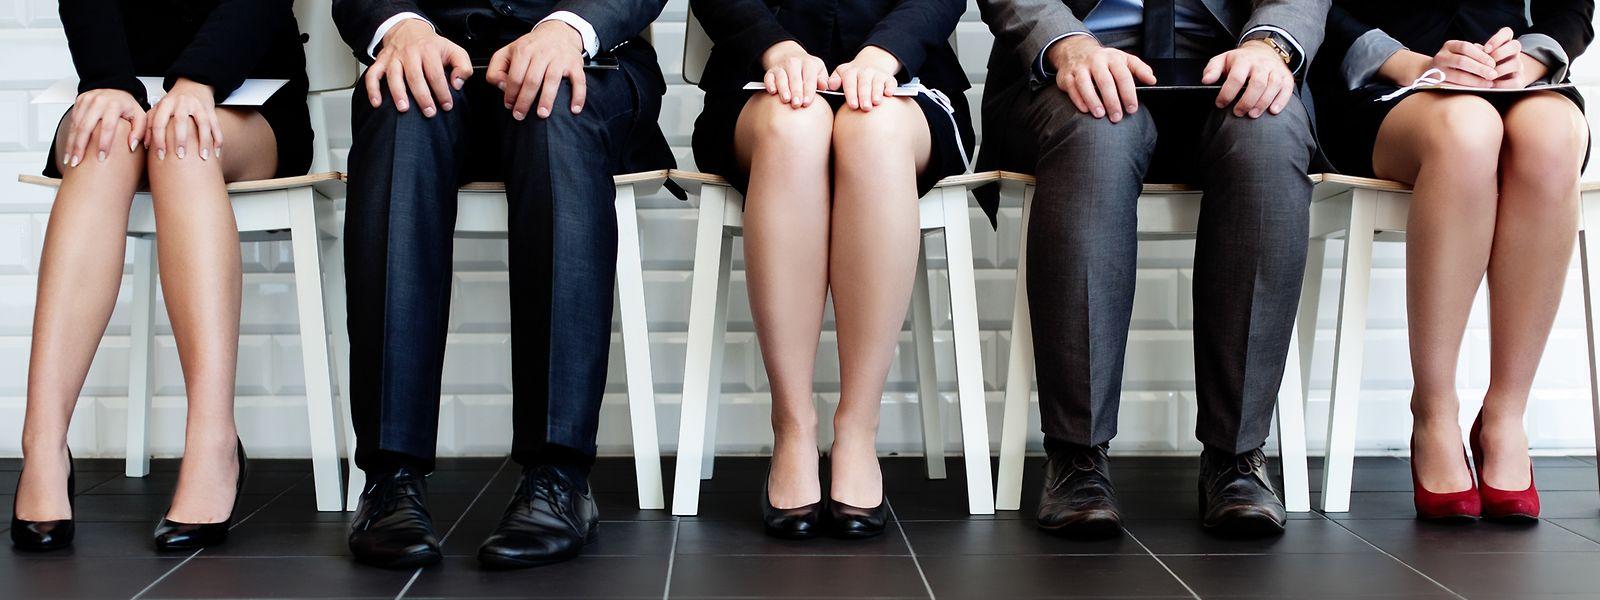 Neben der Ungewissheit bezüglich ihres Arbeitsverhältnisses verdienen befristet Beschäftigte deutlich weniger Geld als ihre unbefristet tätigen Kolleginnen und Kollegen.